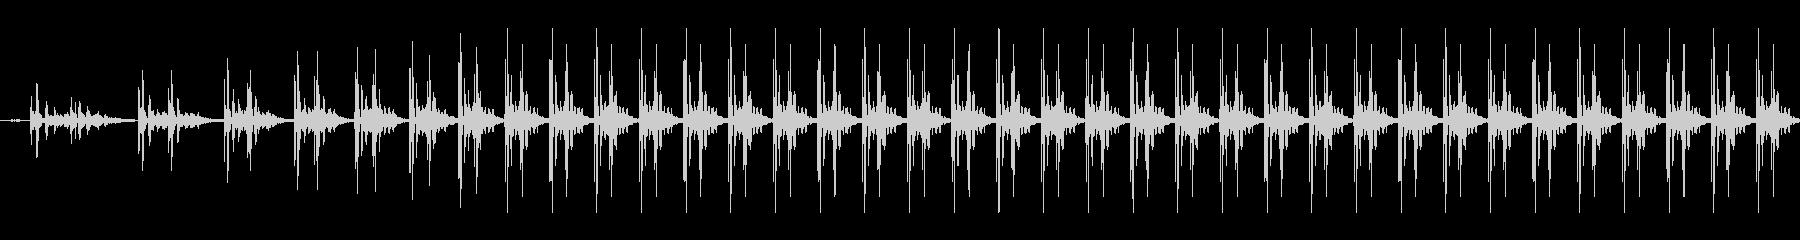 ハートビートの高速化の未再生の波形